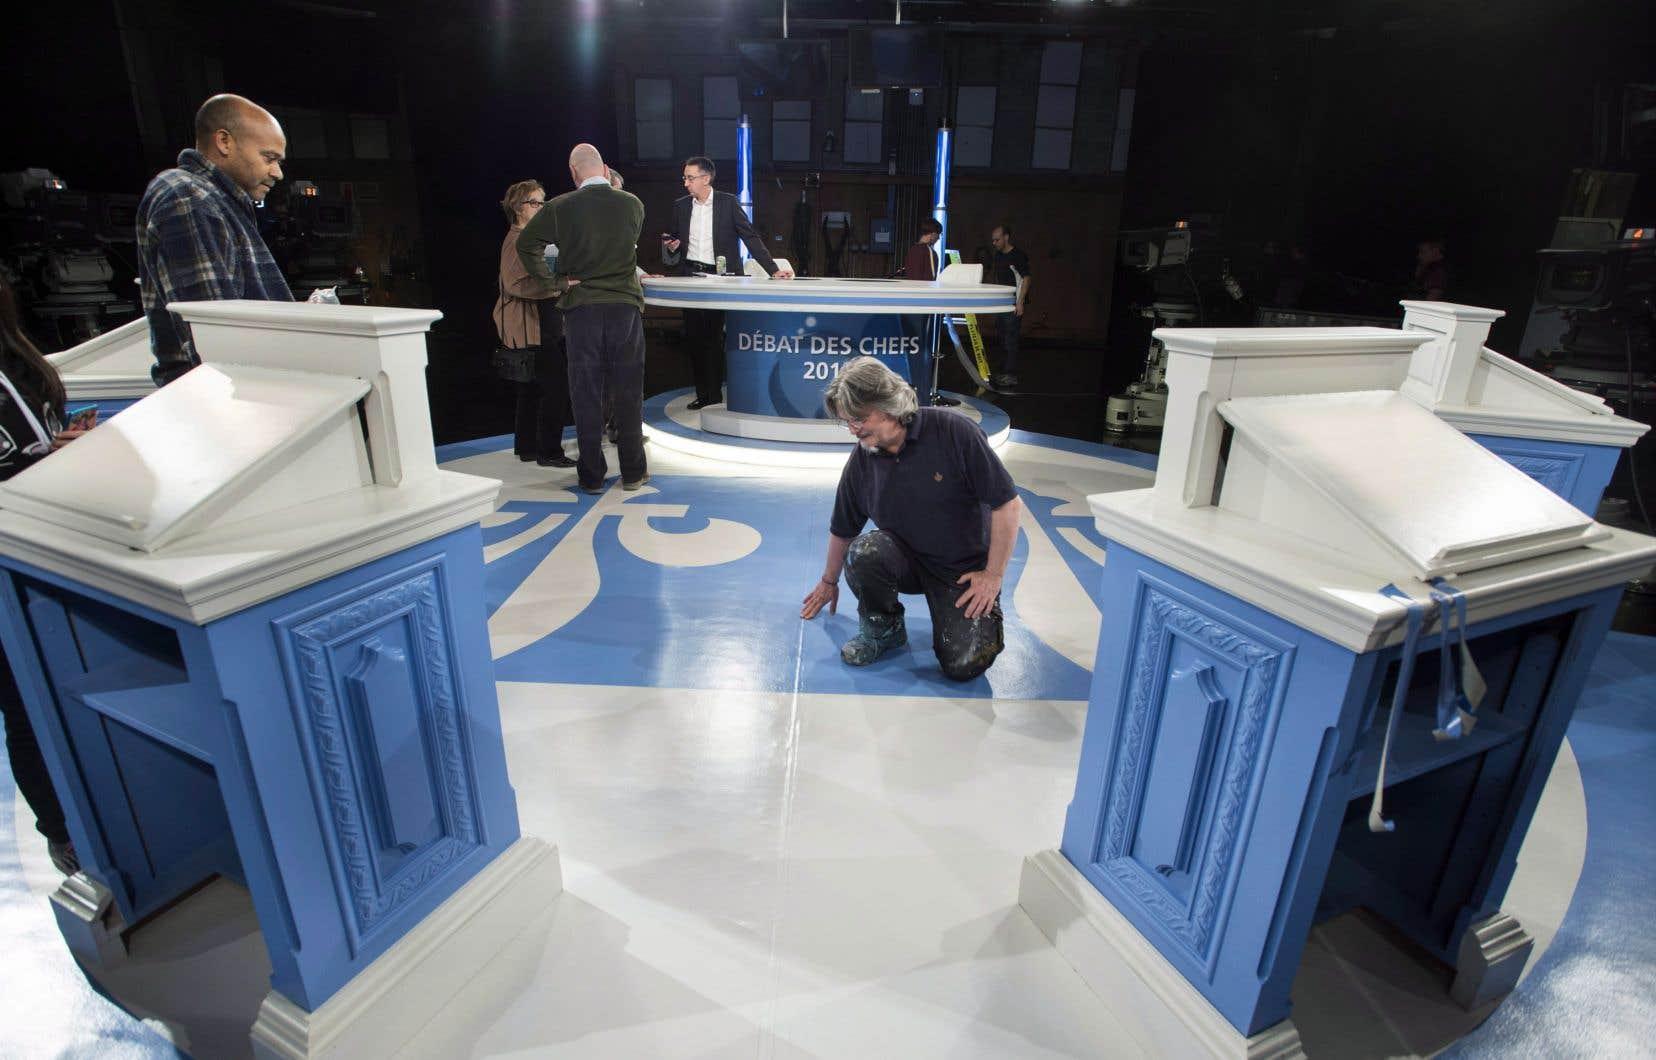 Les chefs des quatre principaux partis politiques provinciaux du Québec participeront à un débat en anglais pendant la prochaine campagne électorale.